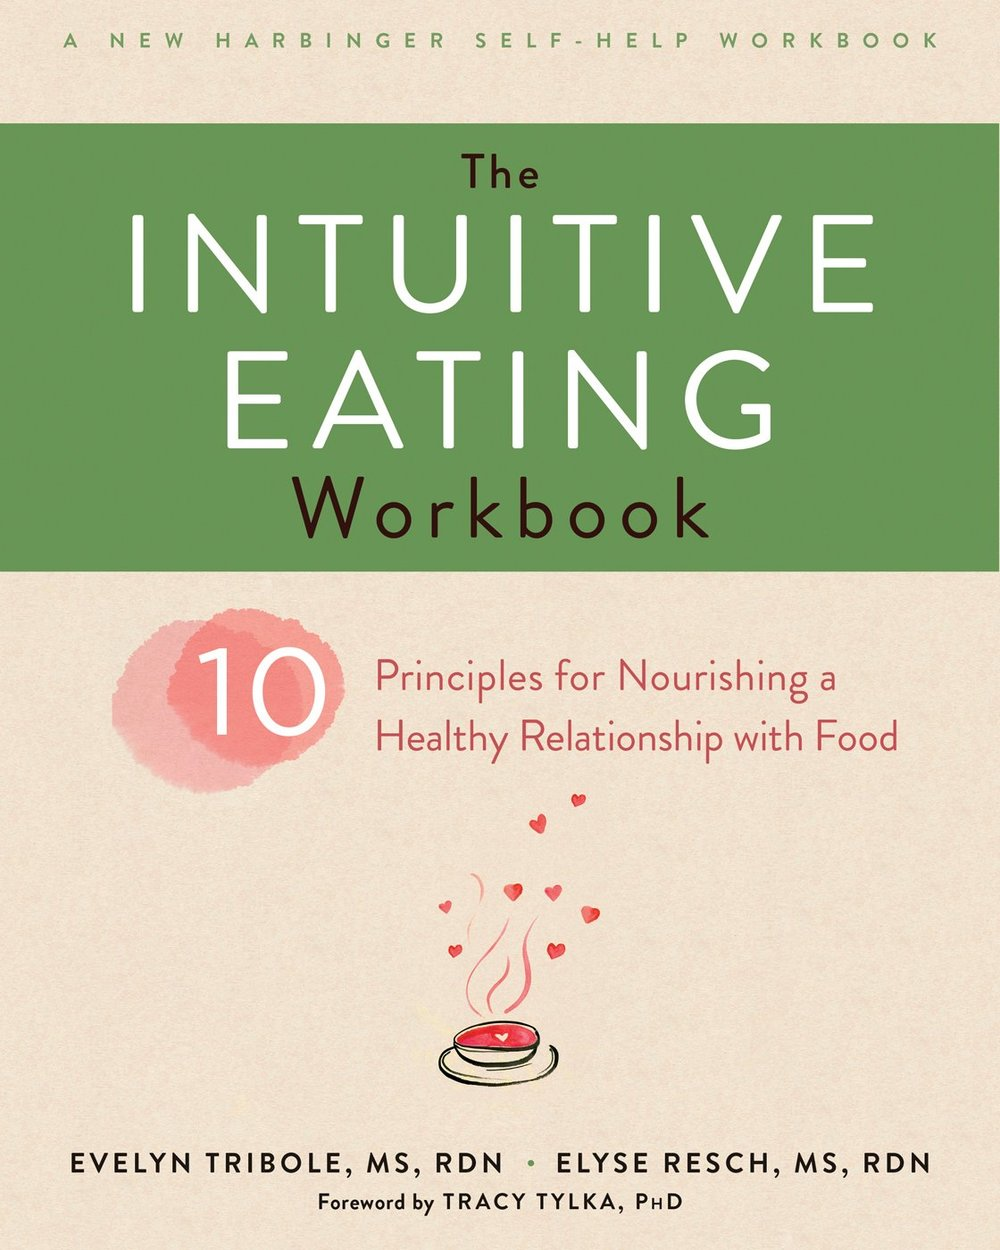 Intuitive Eating Workbook.jpg